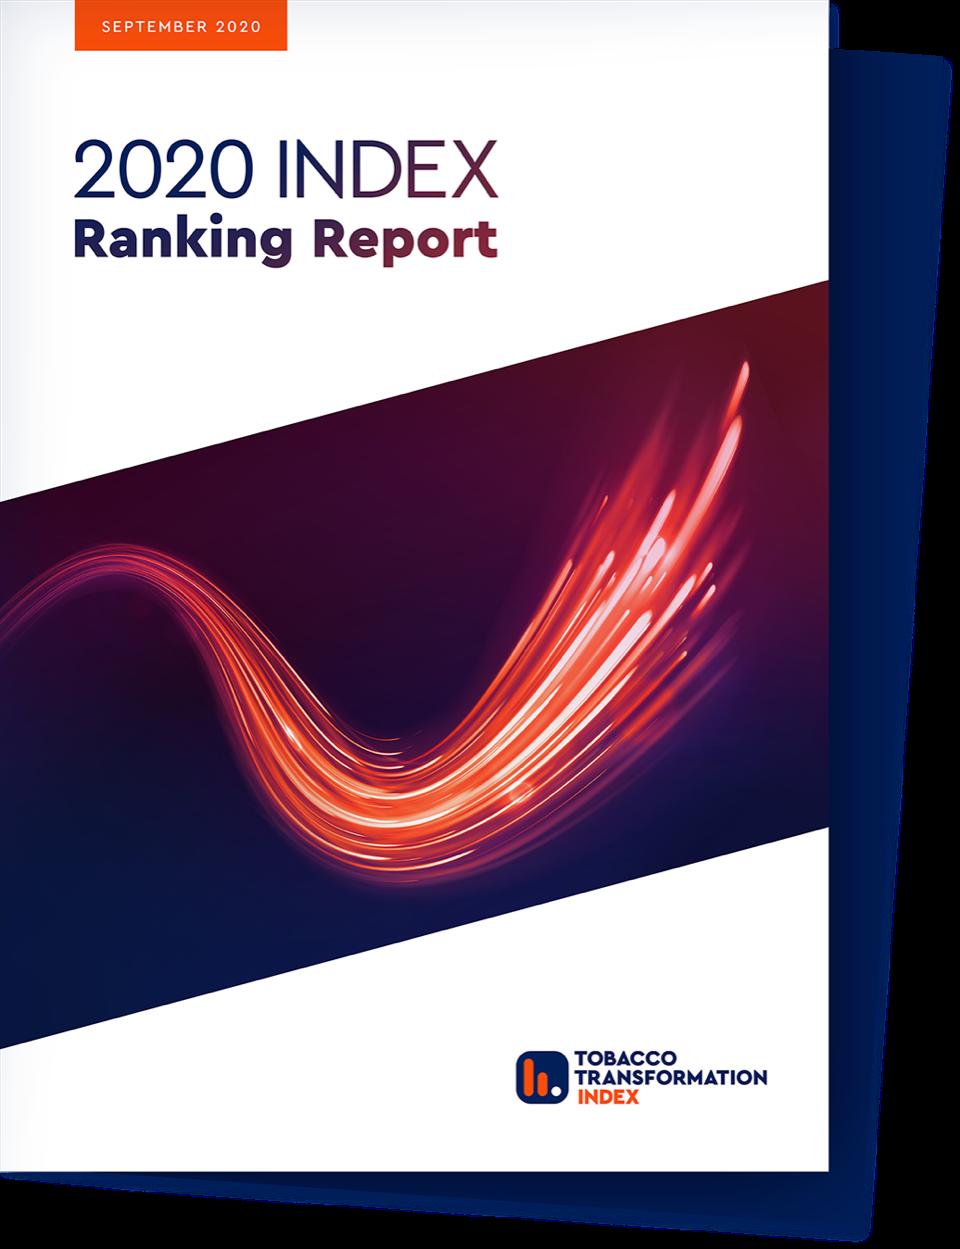 2020 تقرير تصنيف مؤشر تحول التبغ ™